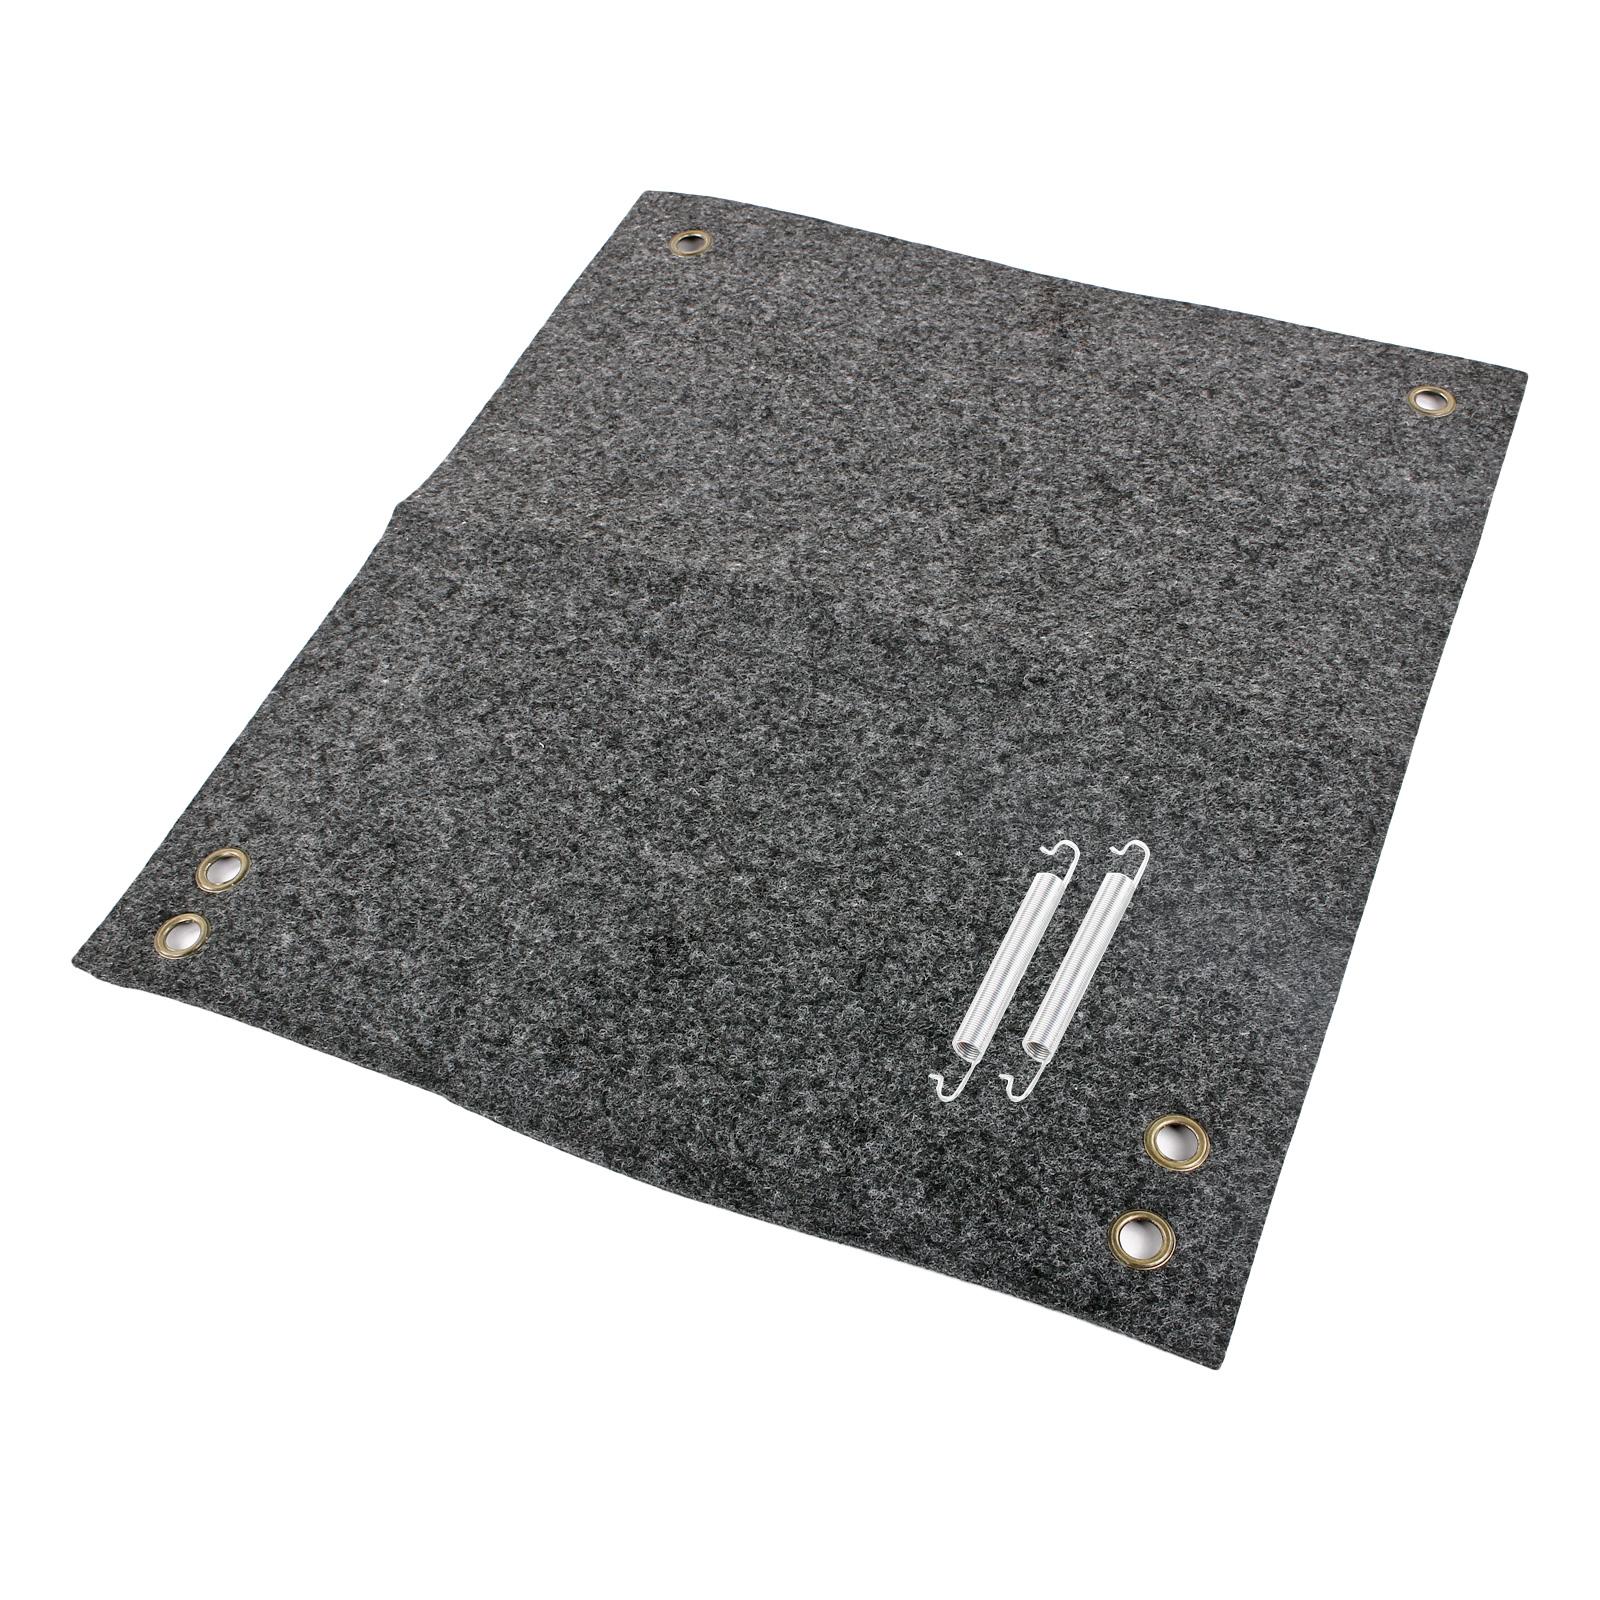 Fußmatte für Trittstufen Fußmatte, 41x36 cm, grau